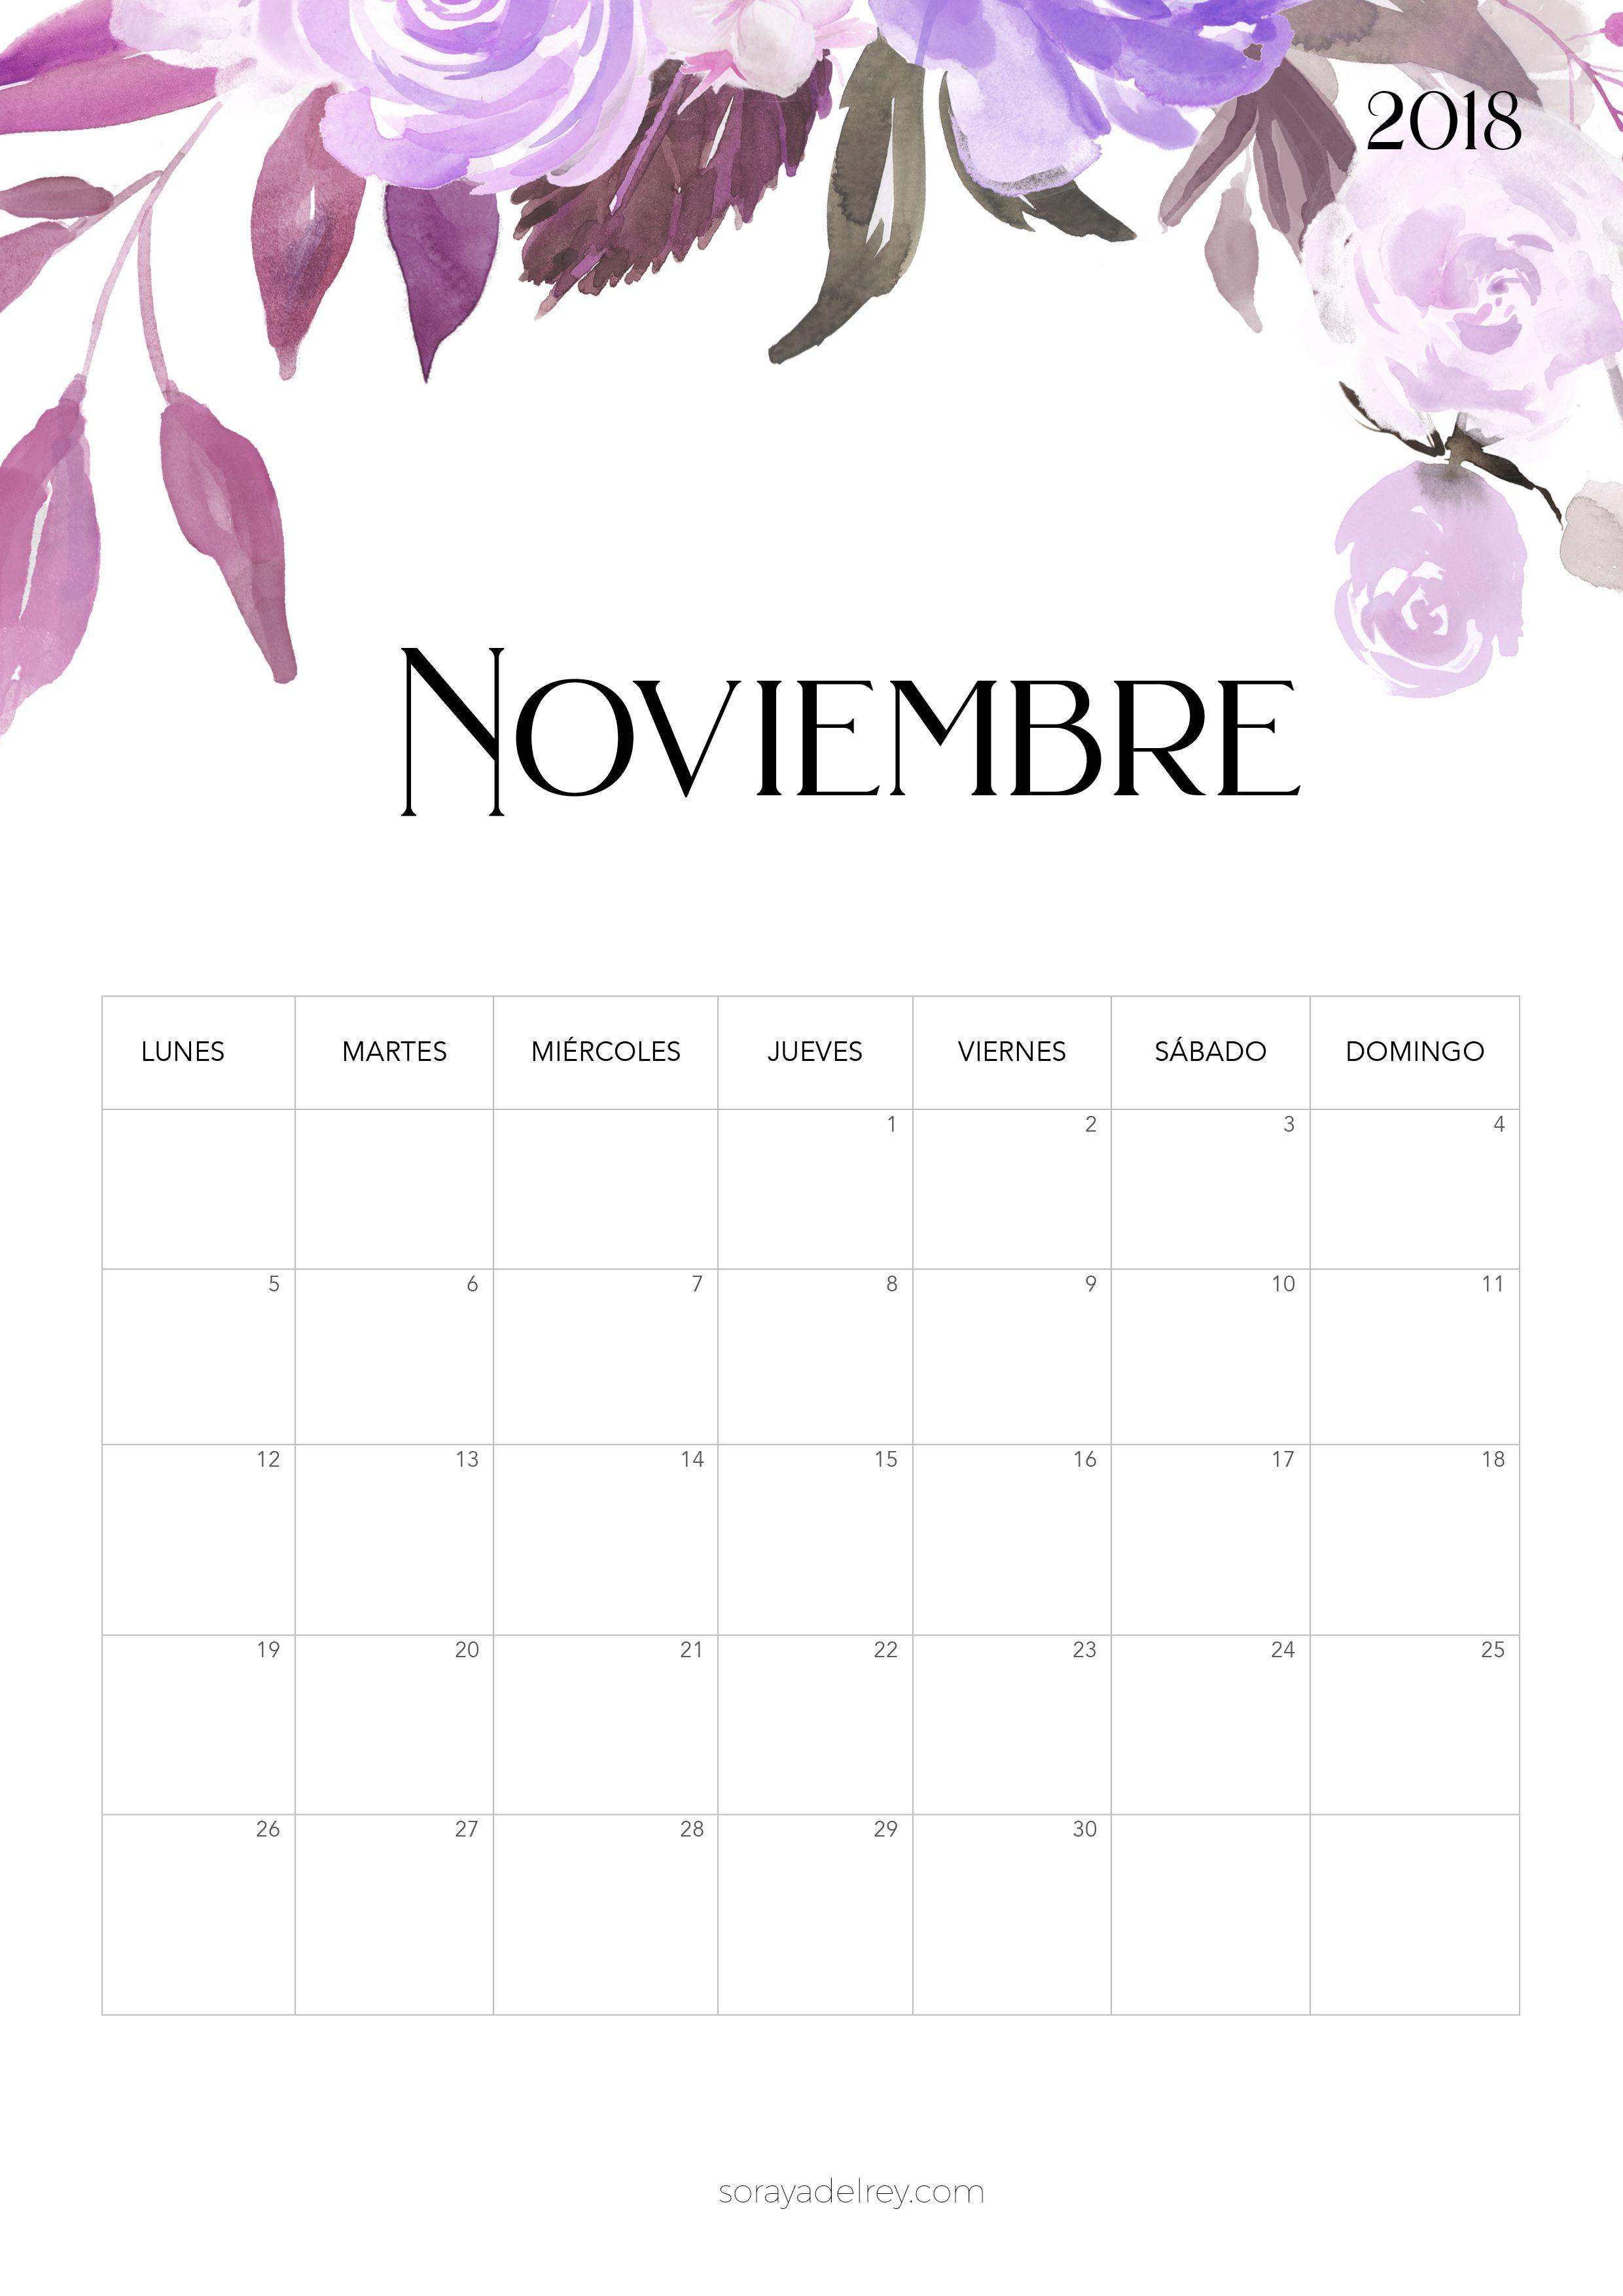 Calendario 2017 En Blanco Para Imprimir Argentina Recientes Calendario Para Imprimir 2018 2019 Ideas Y Regalos Of Calendario 2017 En Blanco Para Imprimir Argentina Más Actual Eur Lex R2454 Es Eur Lex